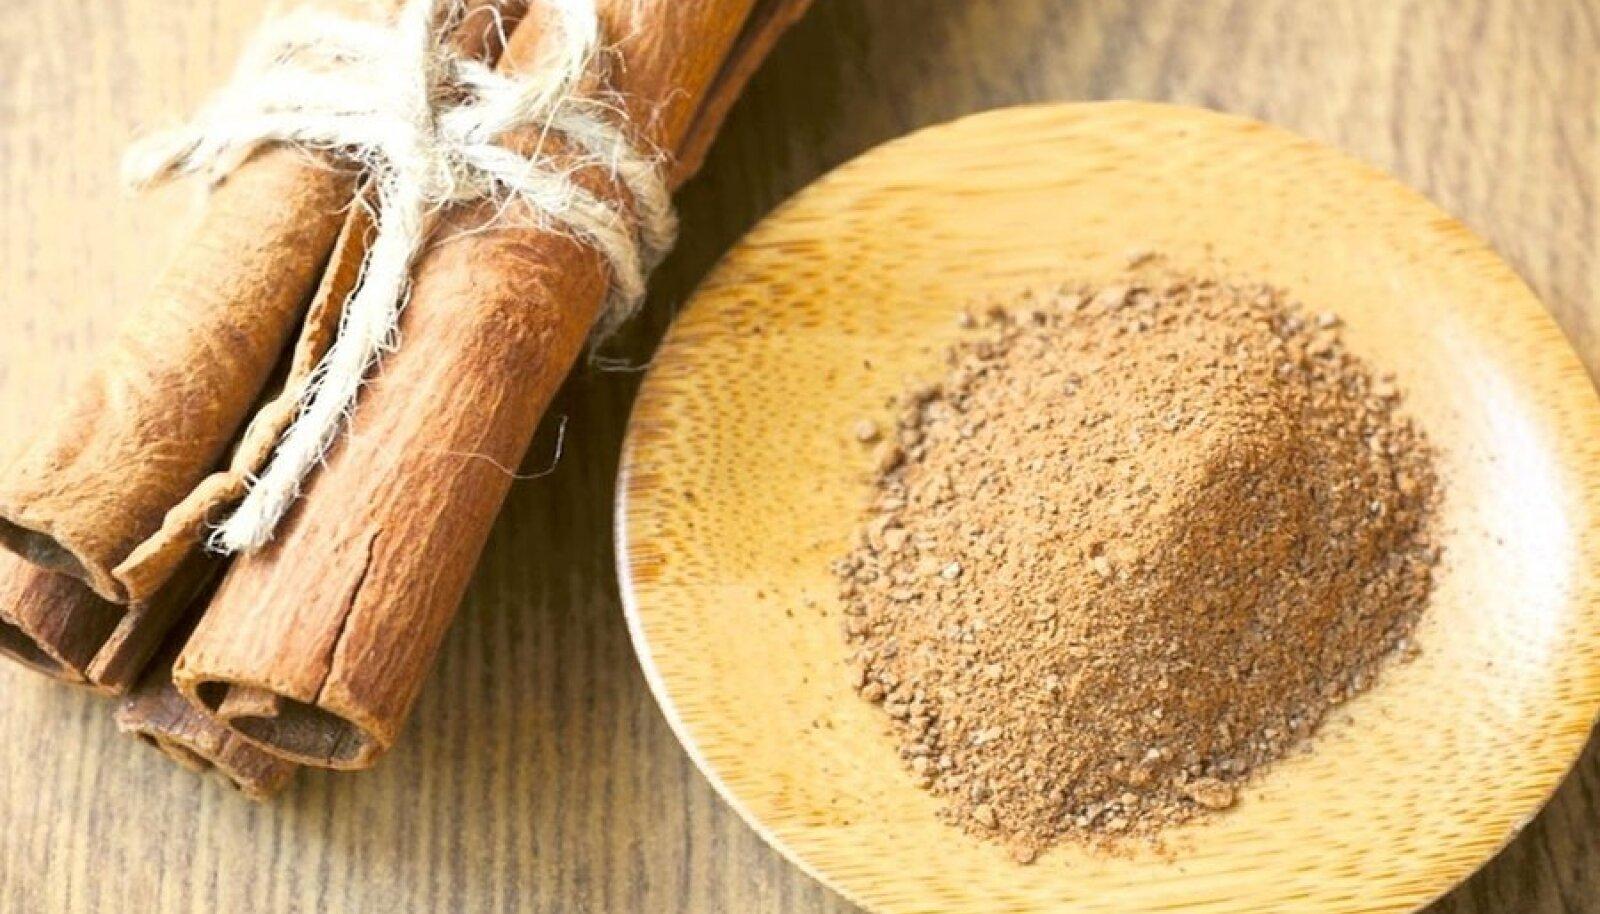 Kaneeli kasutatakse toidu maitsestamiseks jahvatatult, kuid jooke ja magustoite võib maitsestada ka kaneelikoore tükikeste või torukestega.